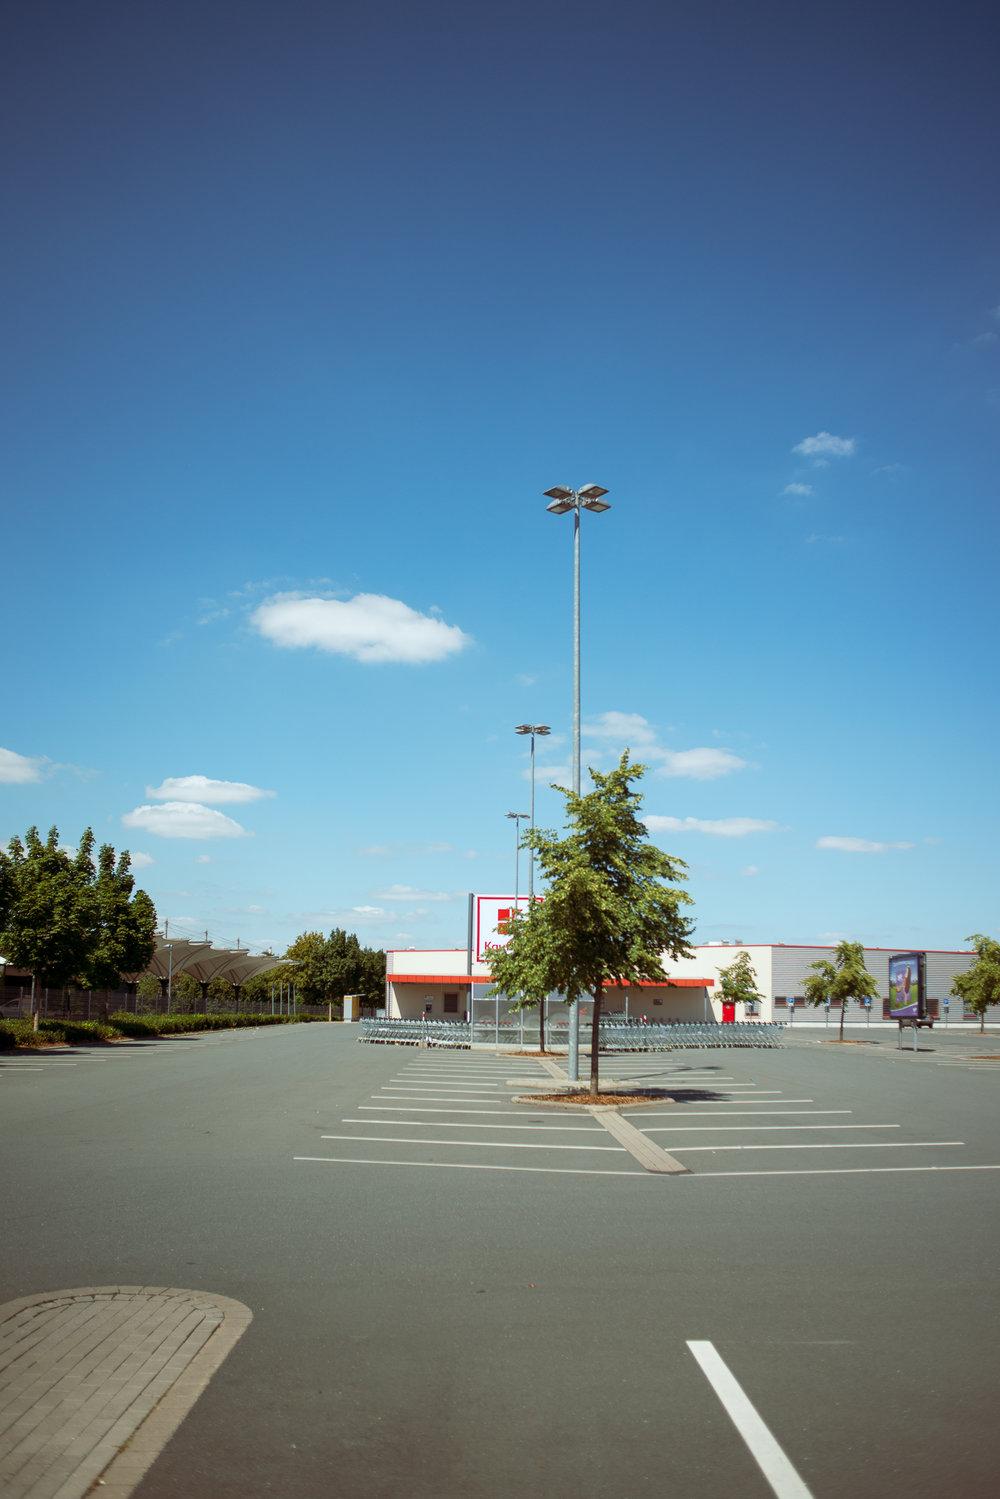 Supermarkt-Parkplatz_Kaufland_20180708_0312_2500px.jpg